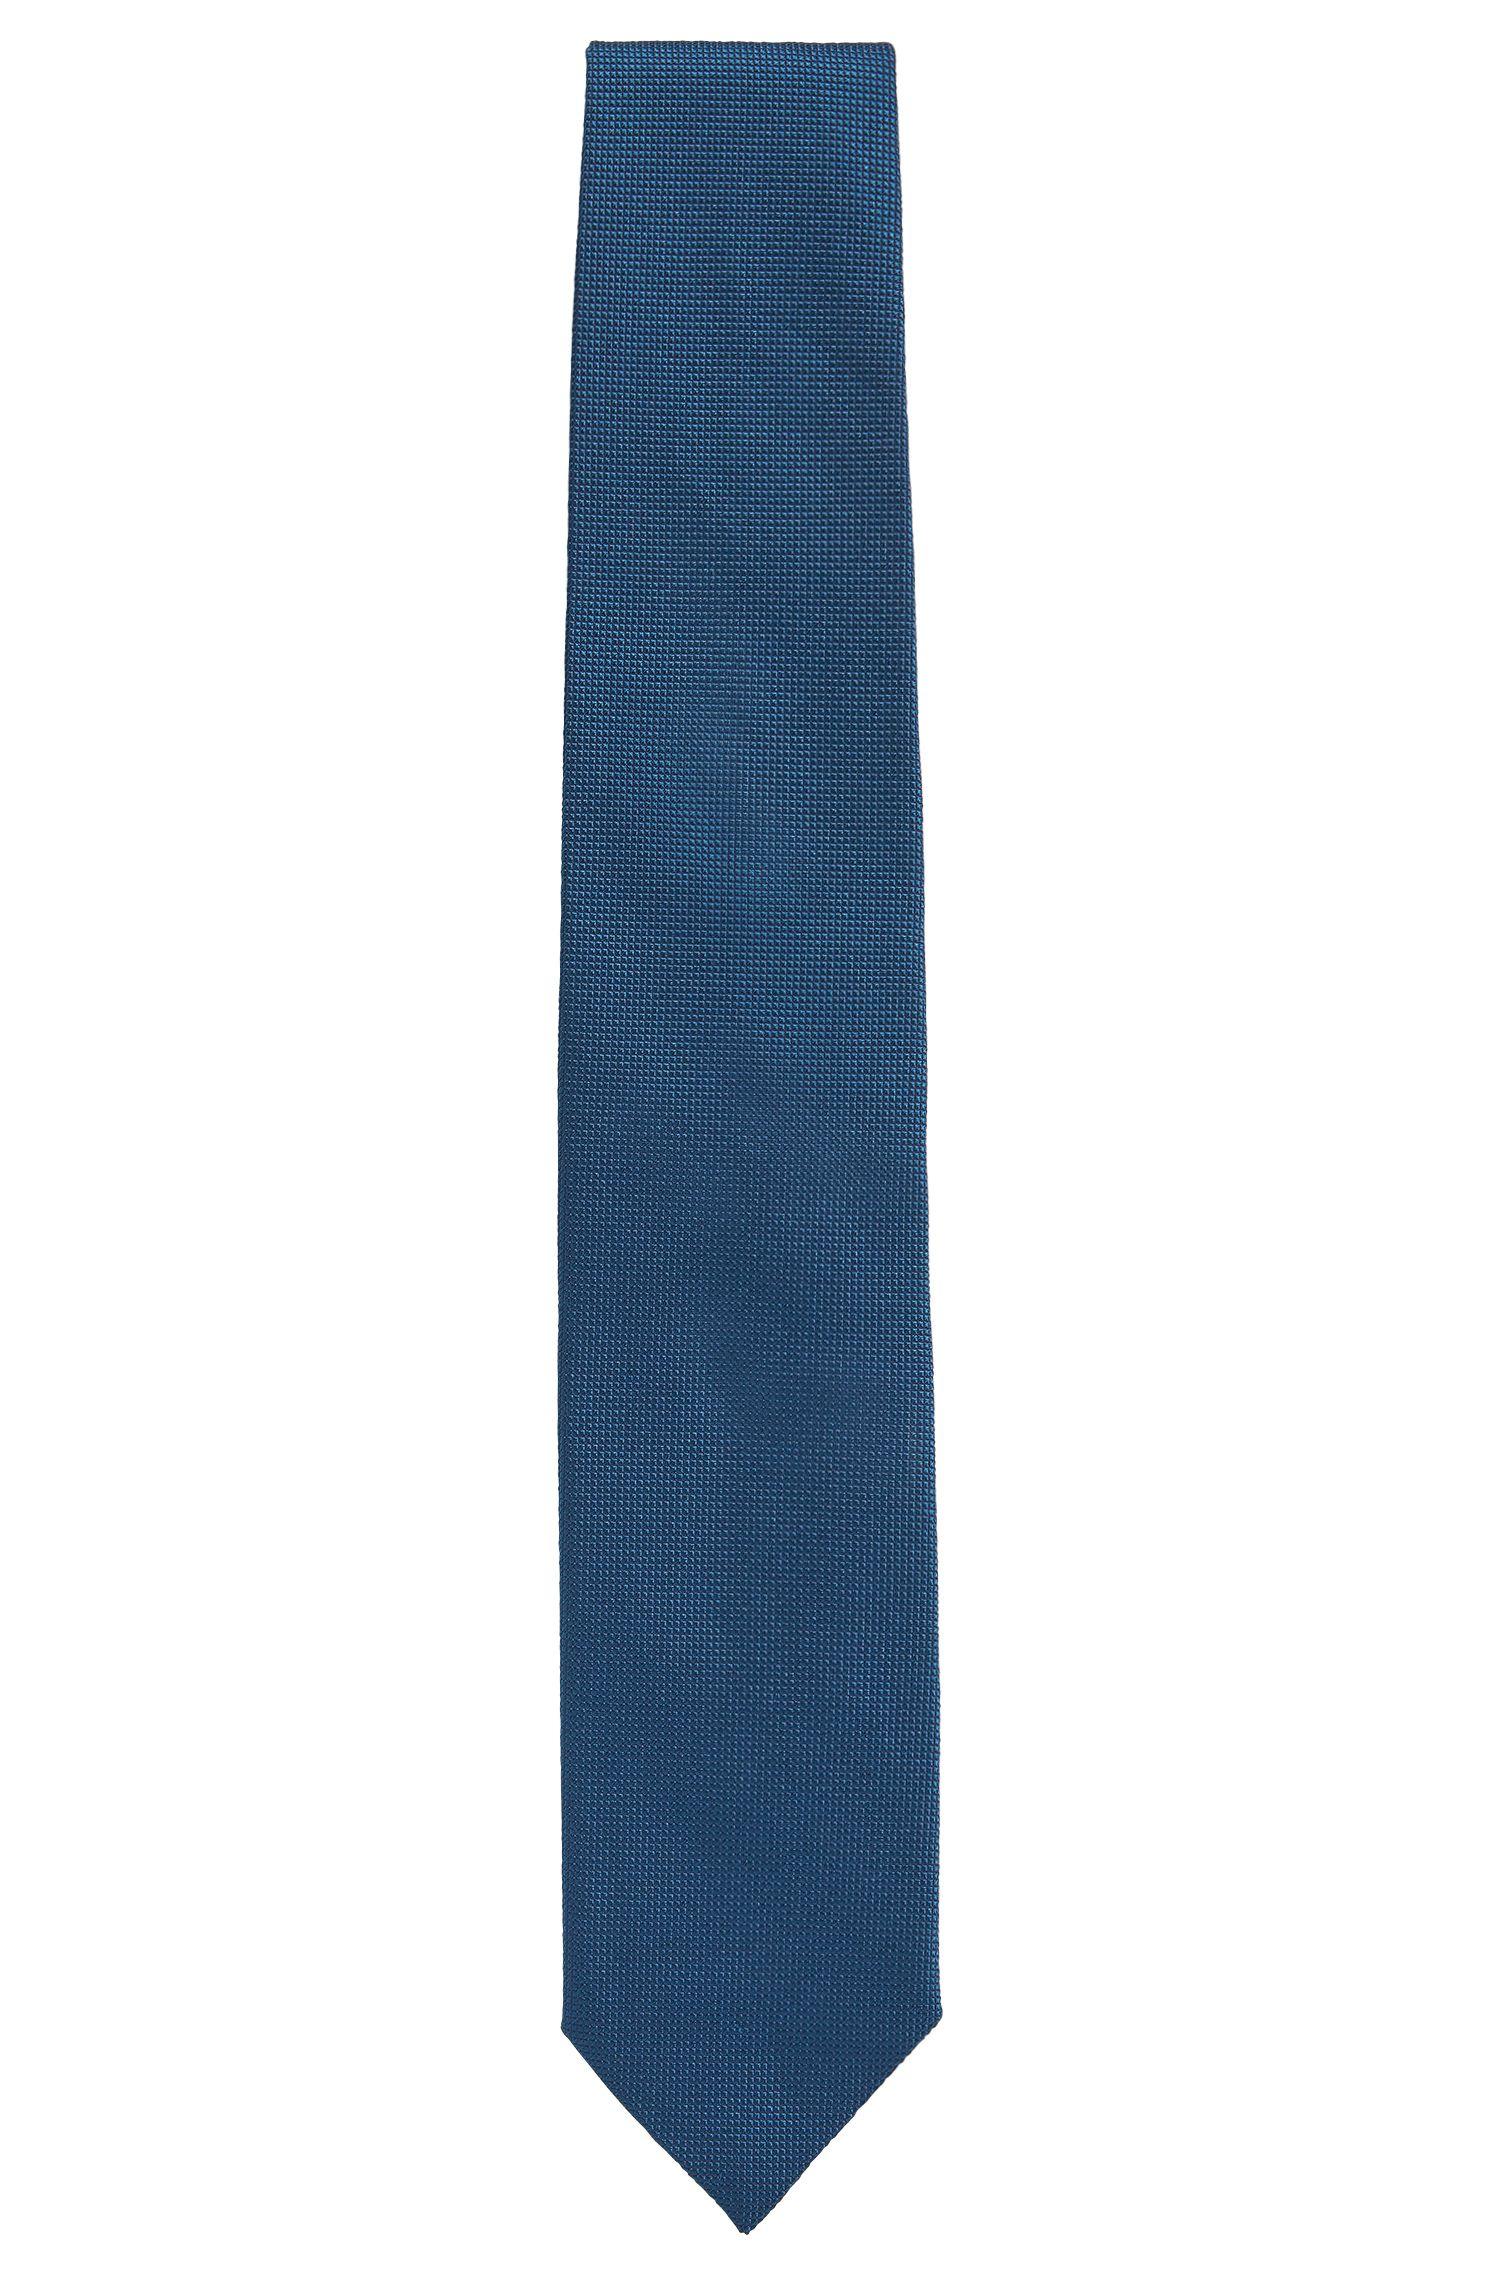 Cravate en jacquard de soie texturé